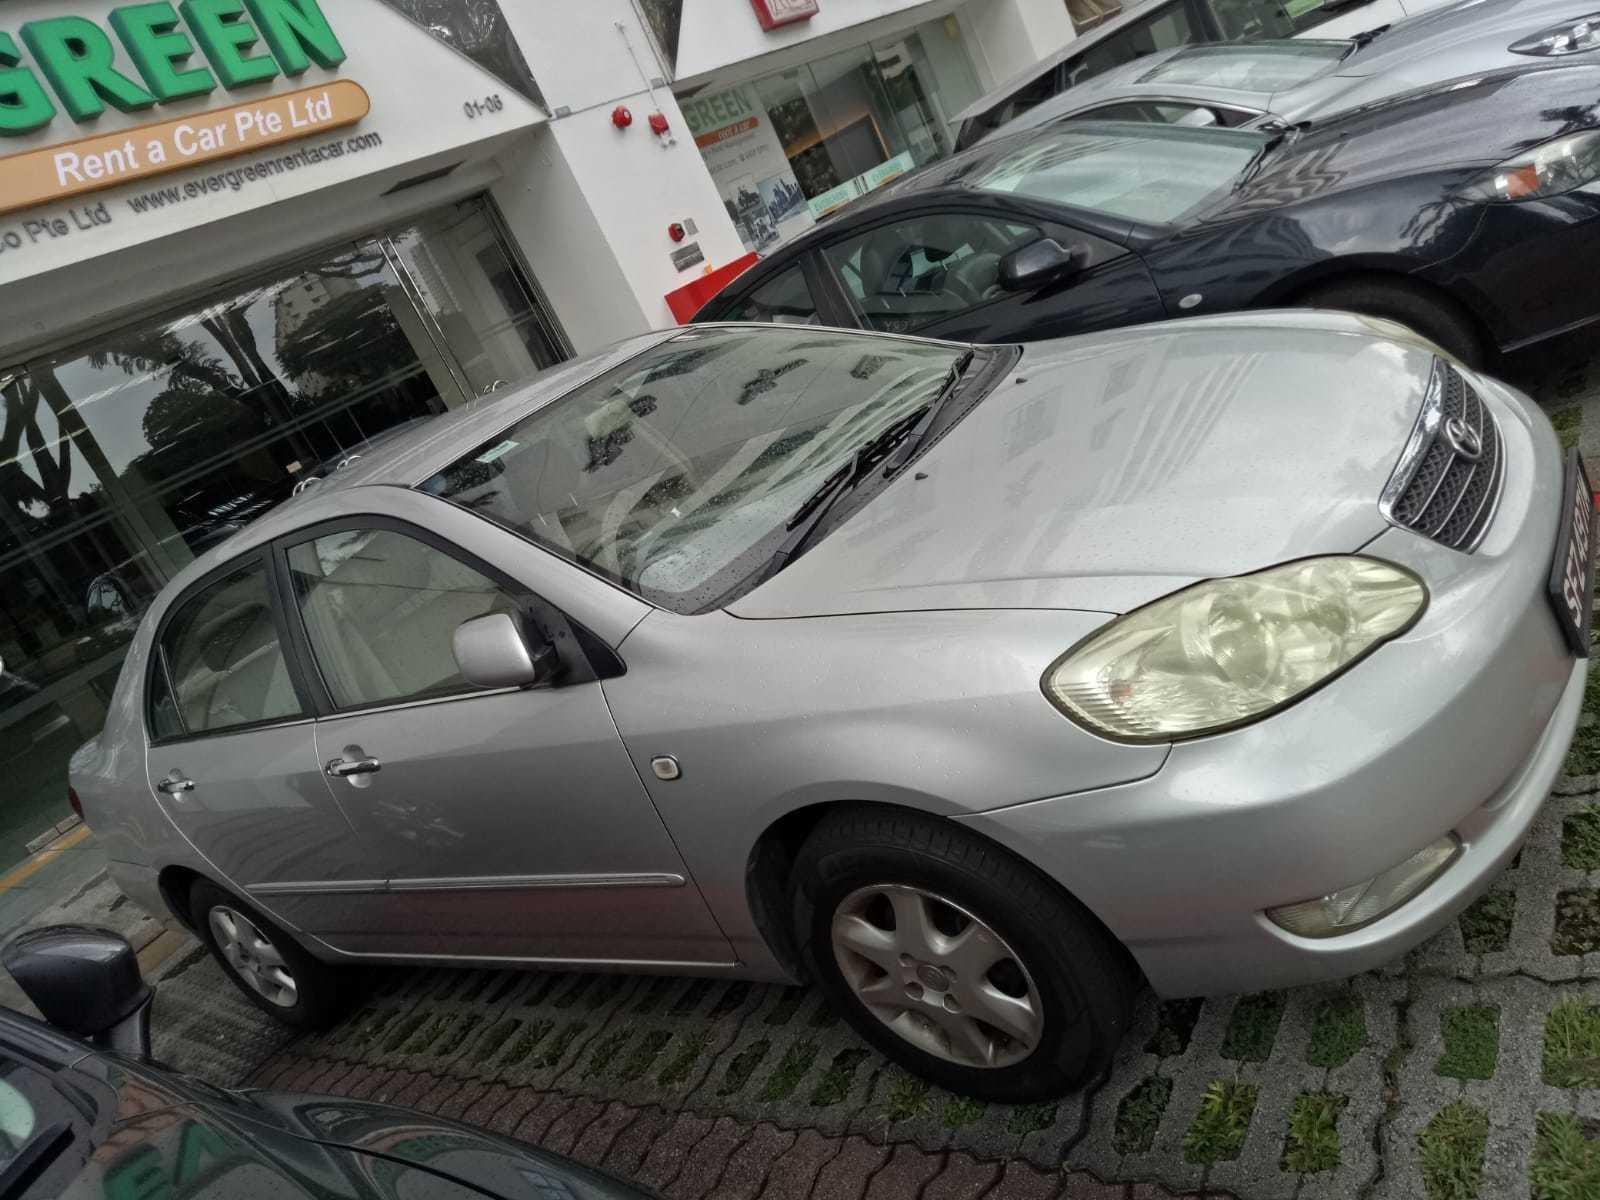 Toyota Corolla 1.6 LX Manual